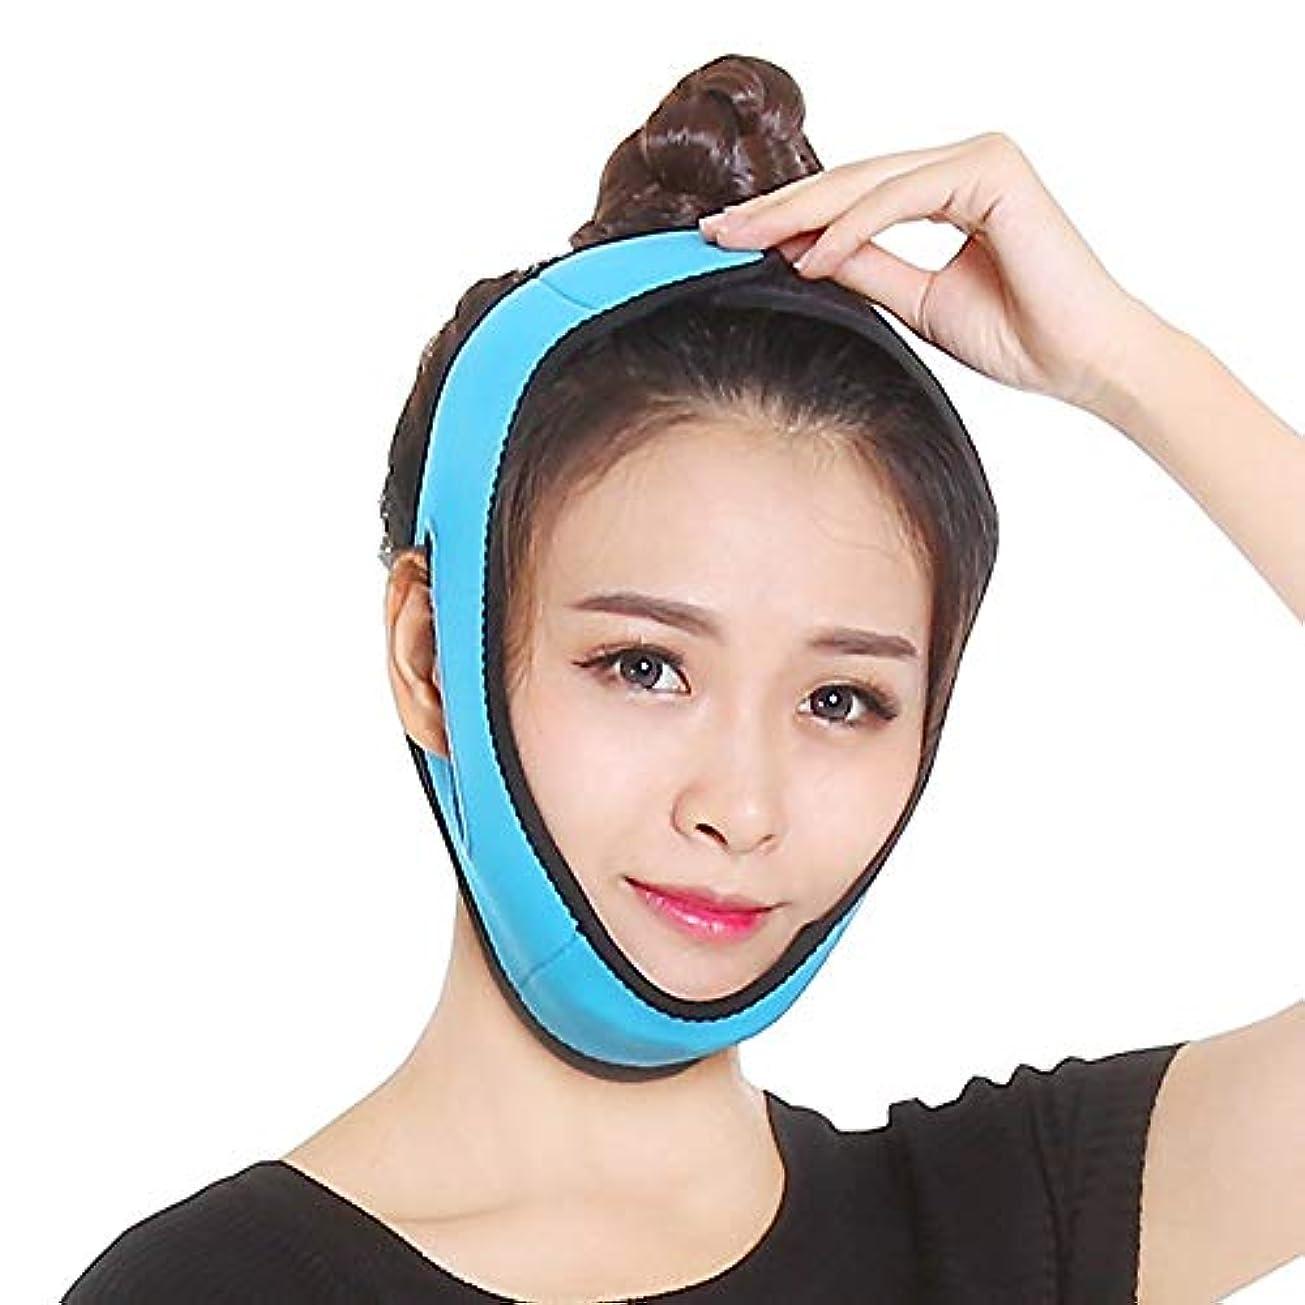 君主ニュージーランド汚いGYZ フェイシャルリフティングスリミングベルト - 薄いフェイス包帯二重あごデバイス無料フェイシャルマッサージ整形マスクを引き締める顔と首の顔スリム Thin Face Belt